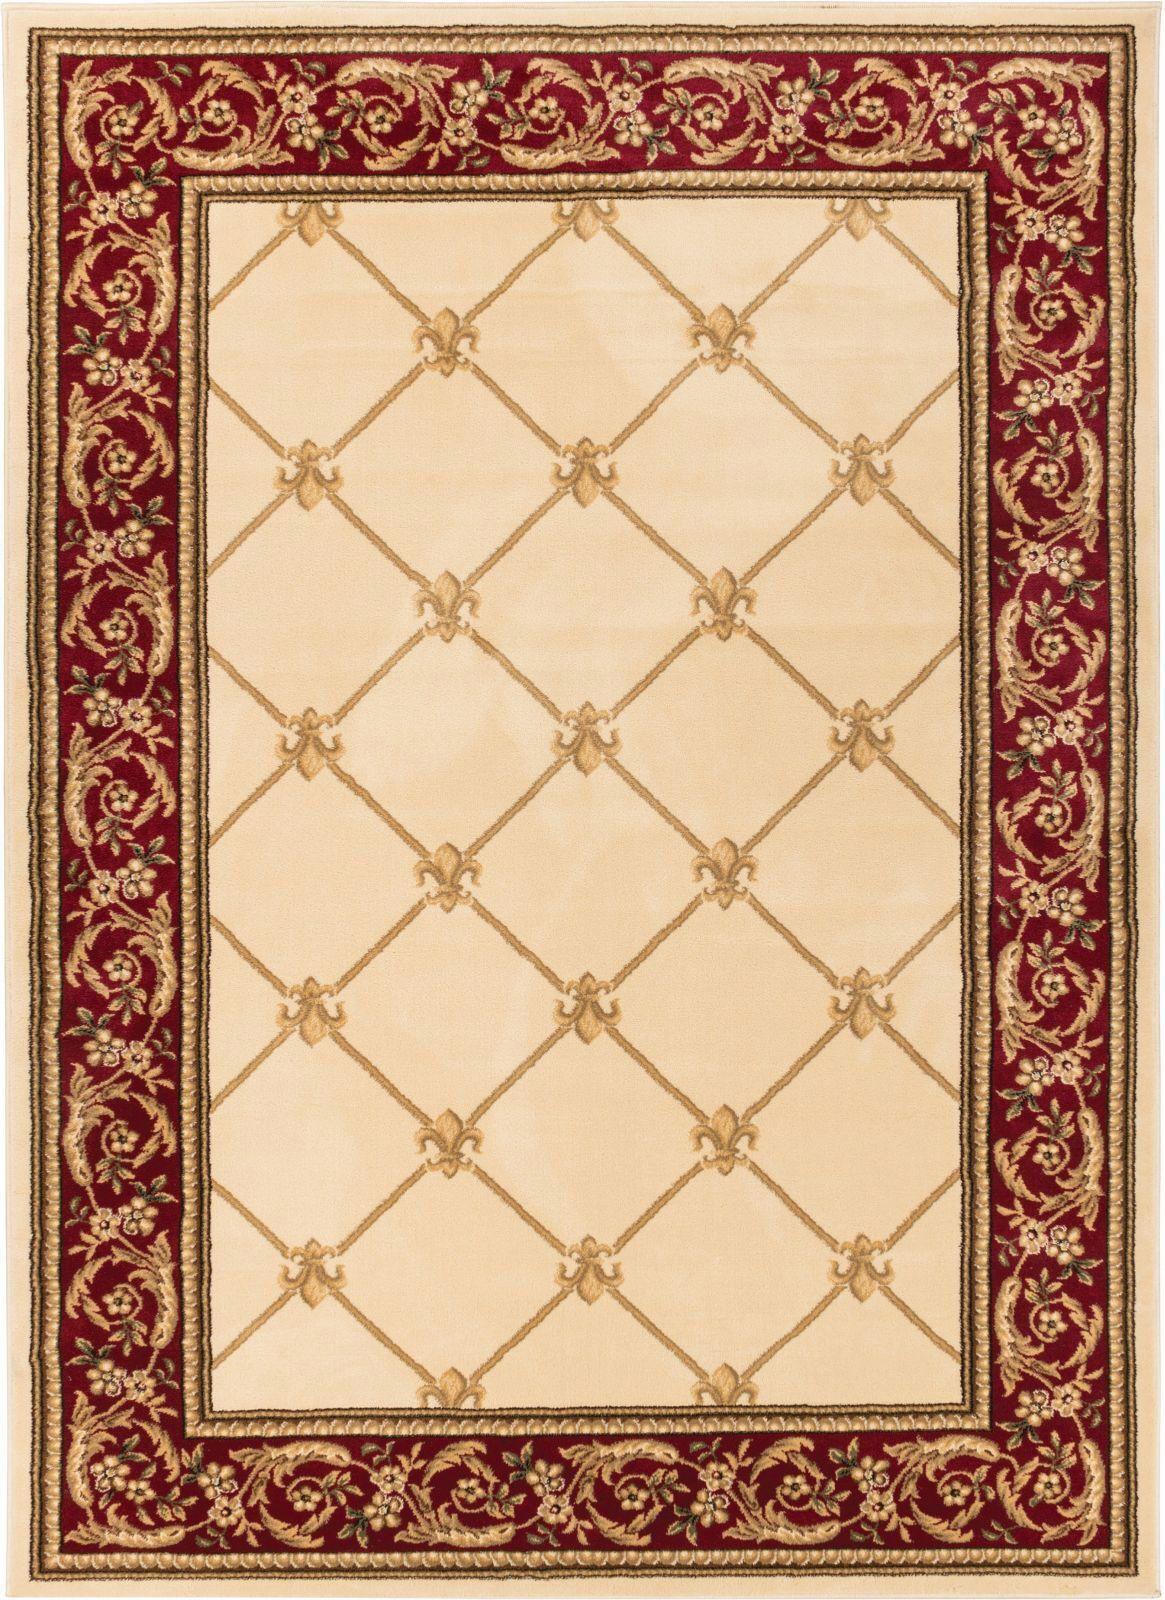 Temples Fleur De Lis Ivory Area Rug Rug Size: 9'2